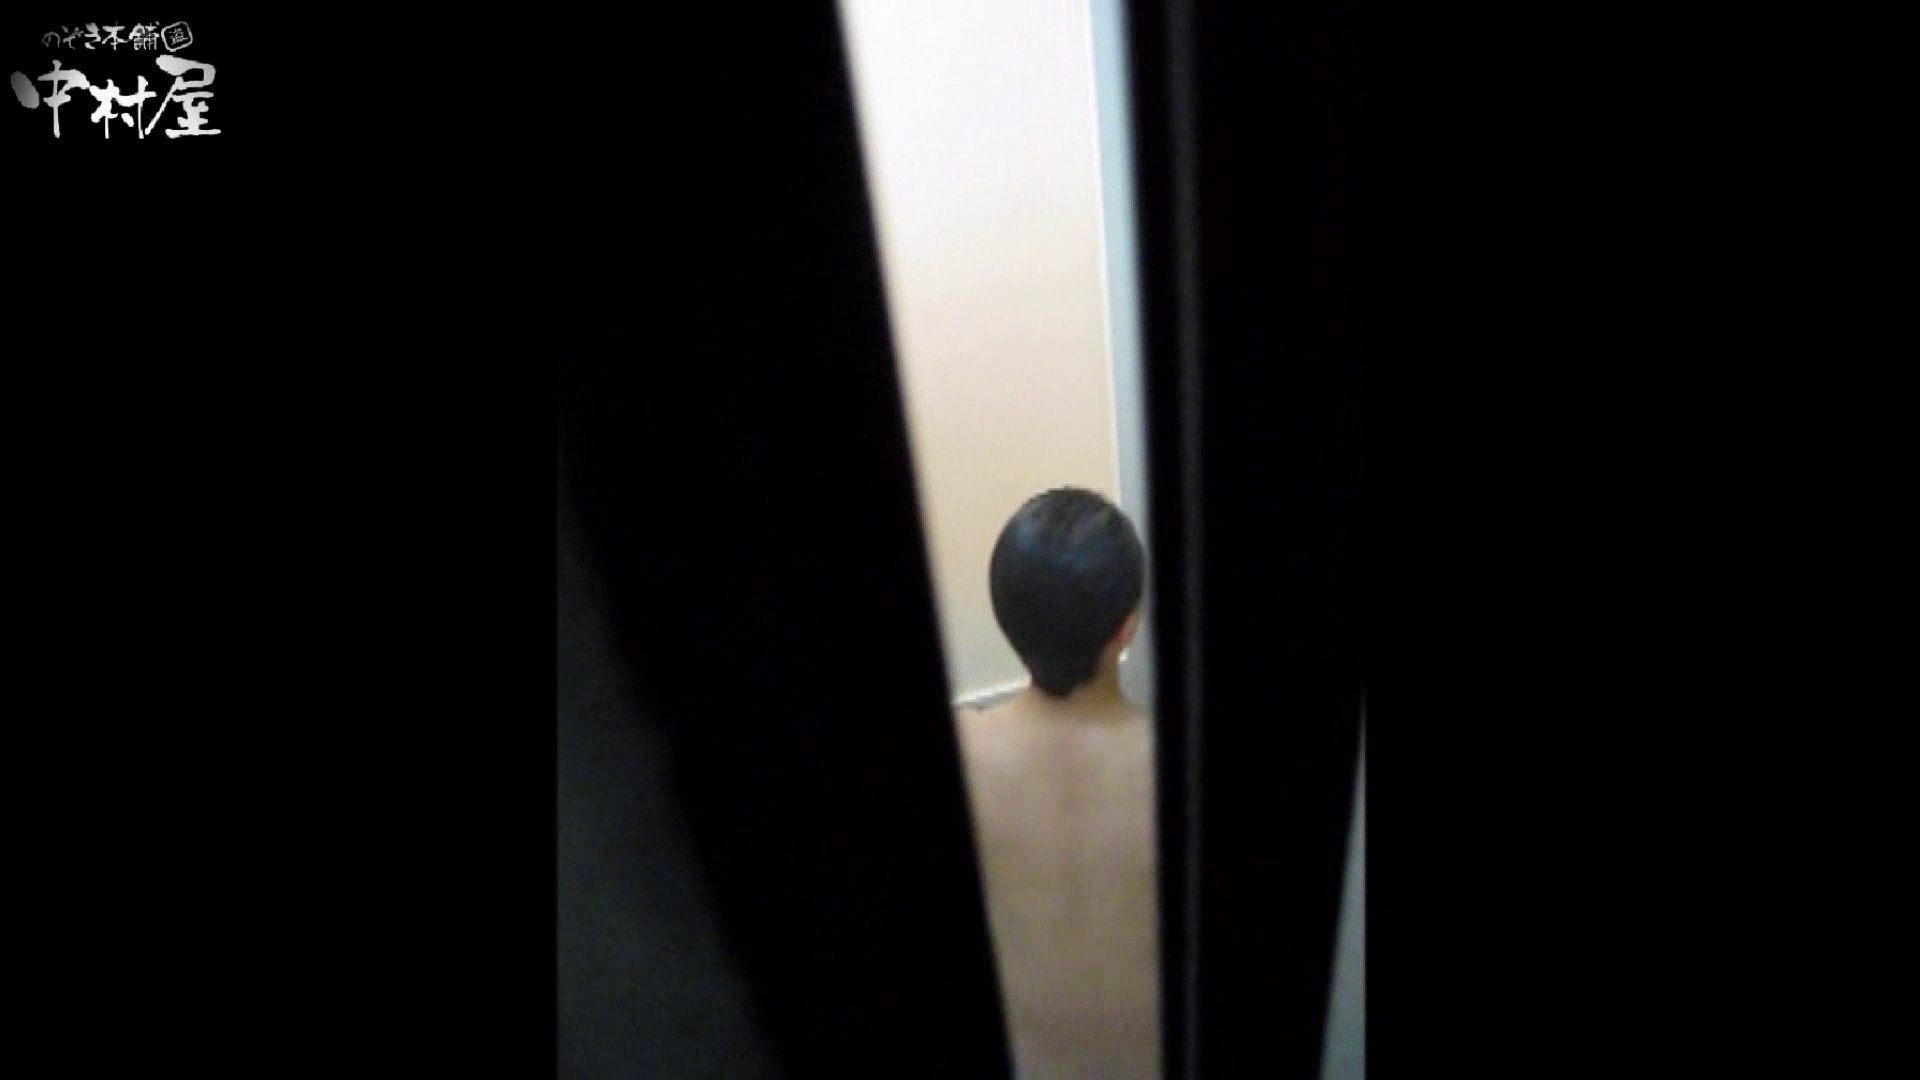 民家風呂専門盗撮師の超危険映像 vol.006 美女まとめ ワレメ動画紹介 88PIX 72